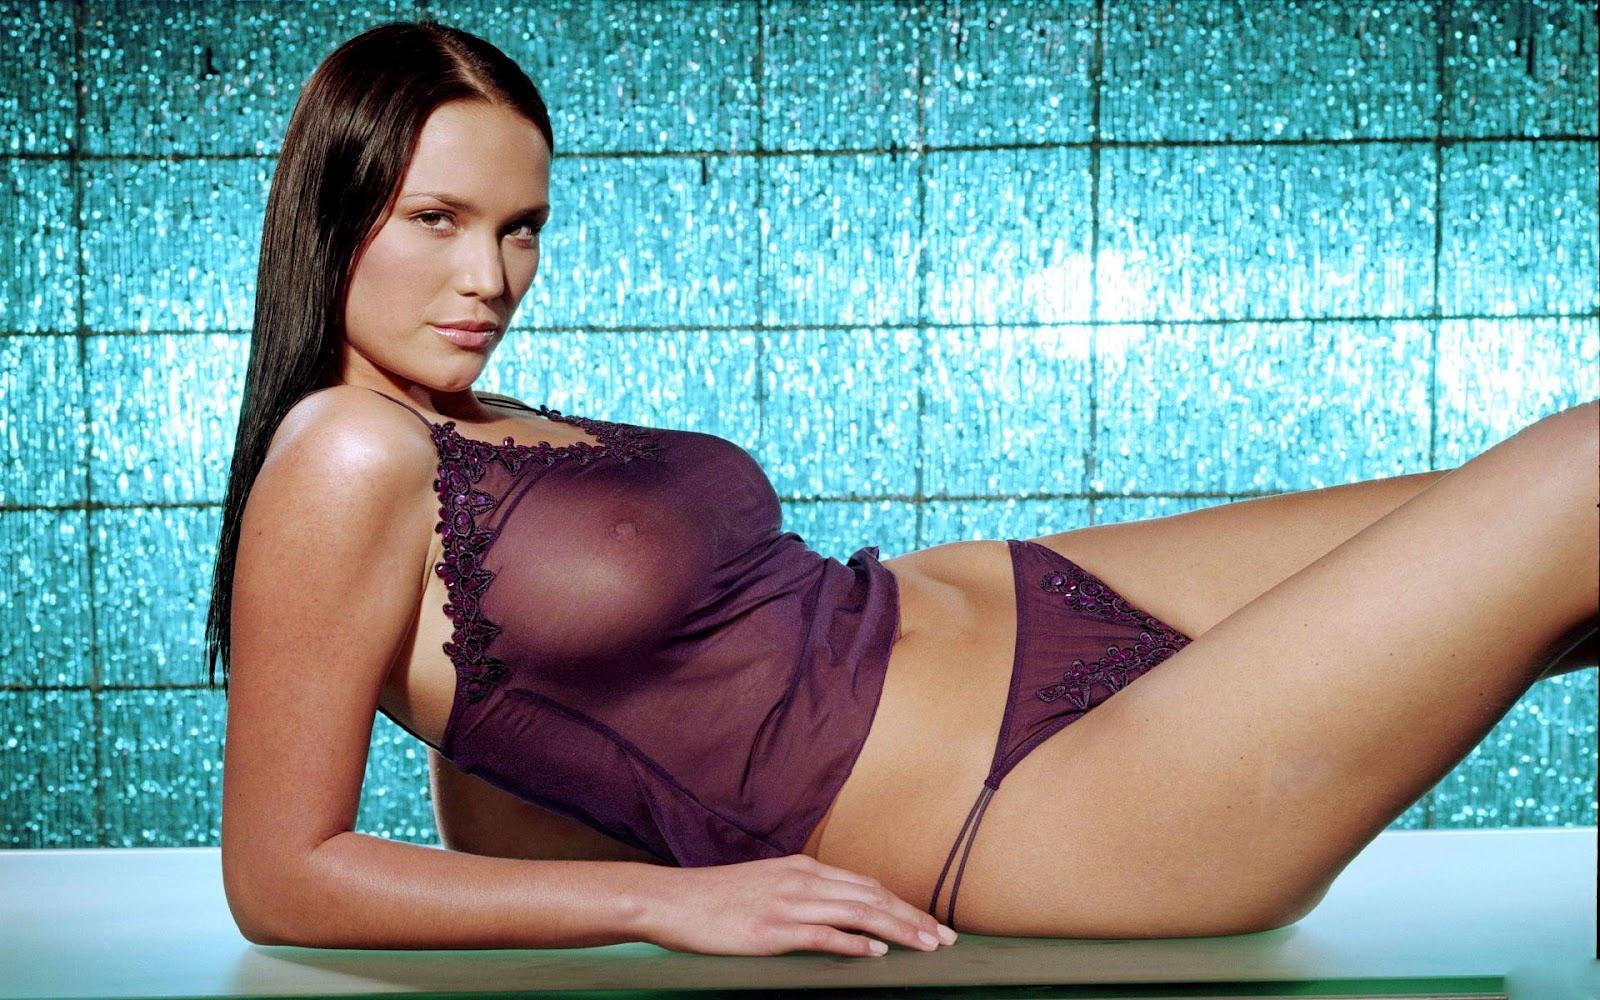 http://2.bp.blogspot.com/-MB-sQkKzTO8/UB-ZPtU_ZhI/AAAAAAAALdM/AonFLzyOCFY/s1600/lucy-clarkson-so-sexy.jpg